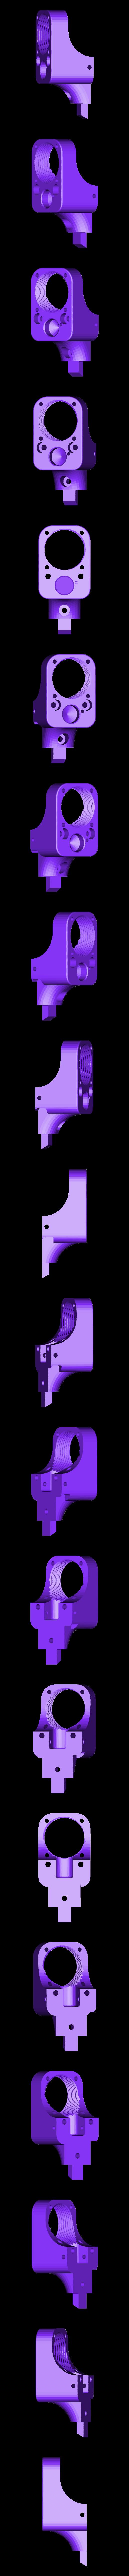 AR-15_-_Lower_tower.stl Télécharger fichier STL AR-15 • Design imprimable en 3D, idy26